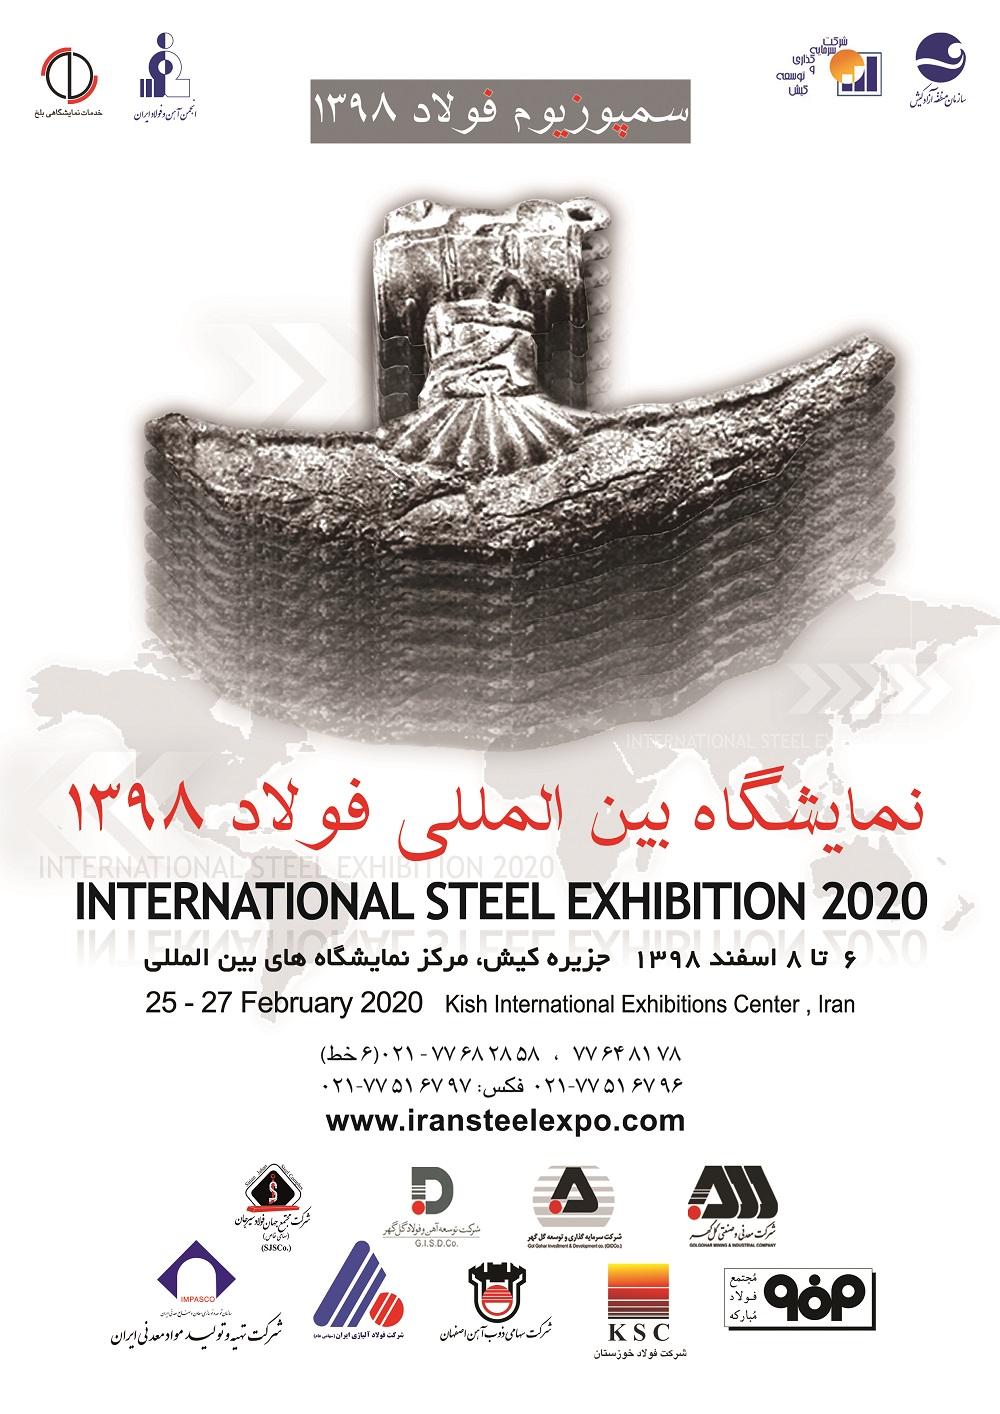 جزیره کیش میزبان بیست و دومین سمپوزیوم فولاد و نمایشگاه بین المللی فولاد خبر کیش